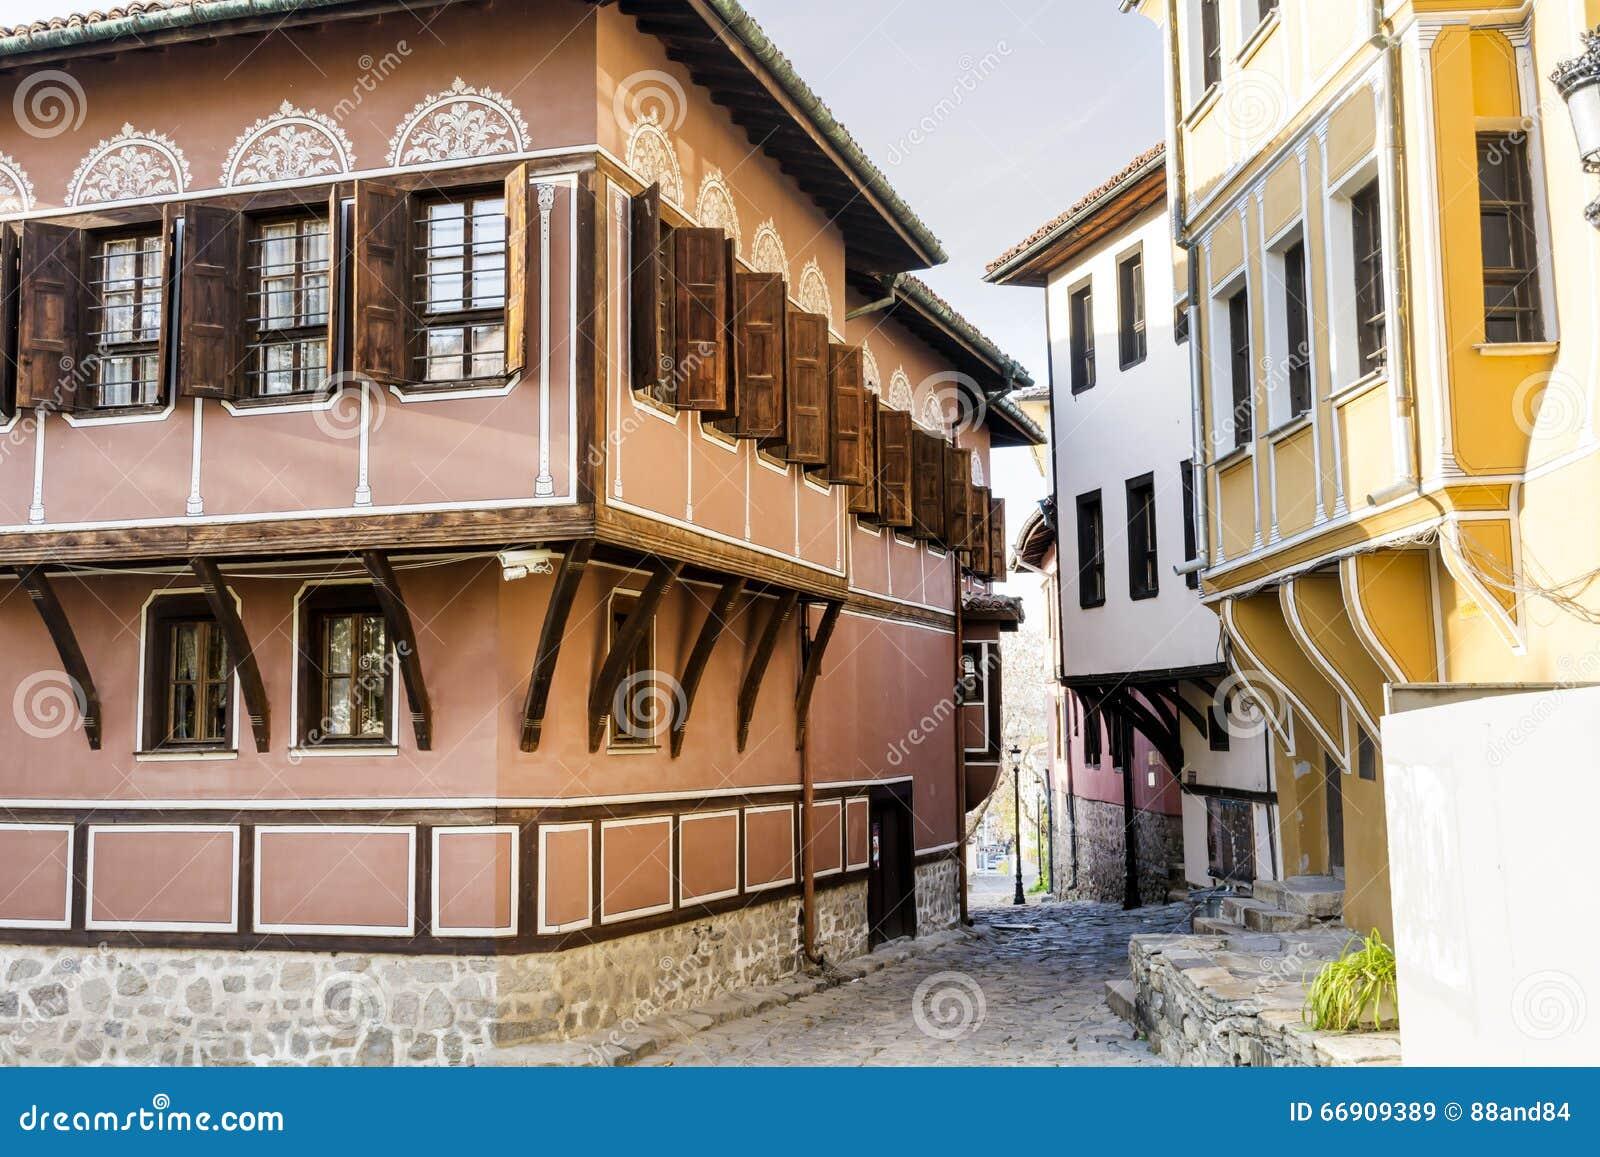 Maisons bulgares traditionnelles dans la vieille ville de - Maison rustique yellowstone traditions ...